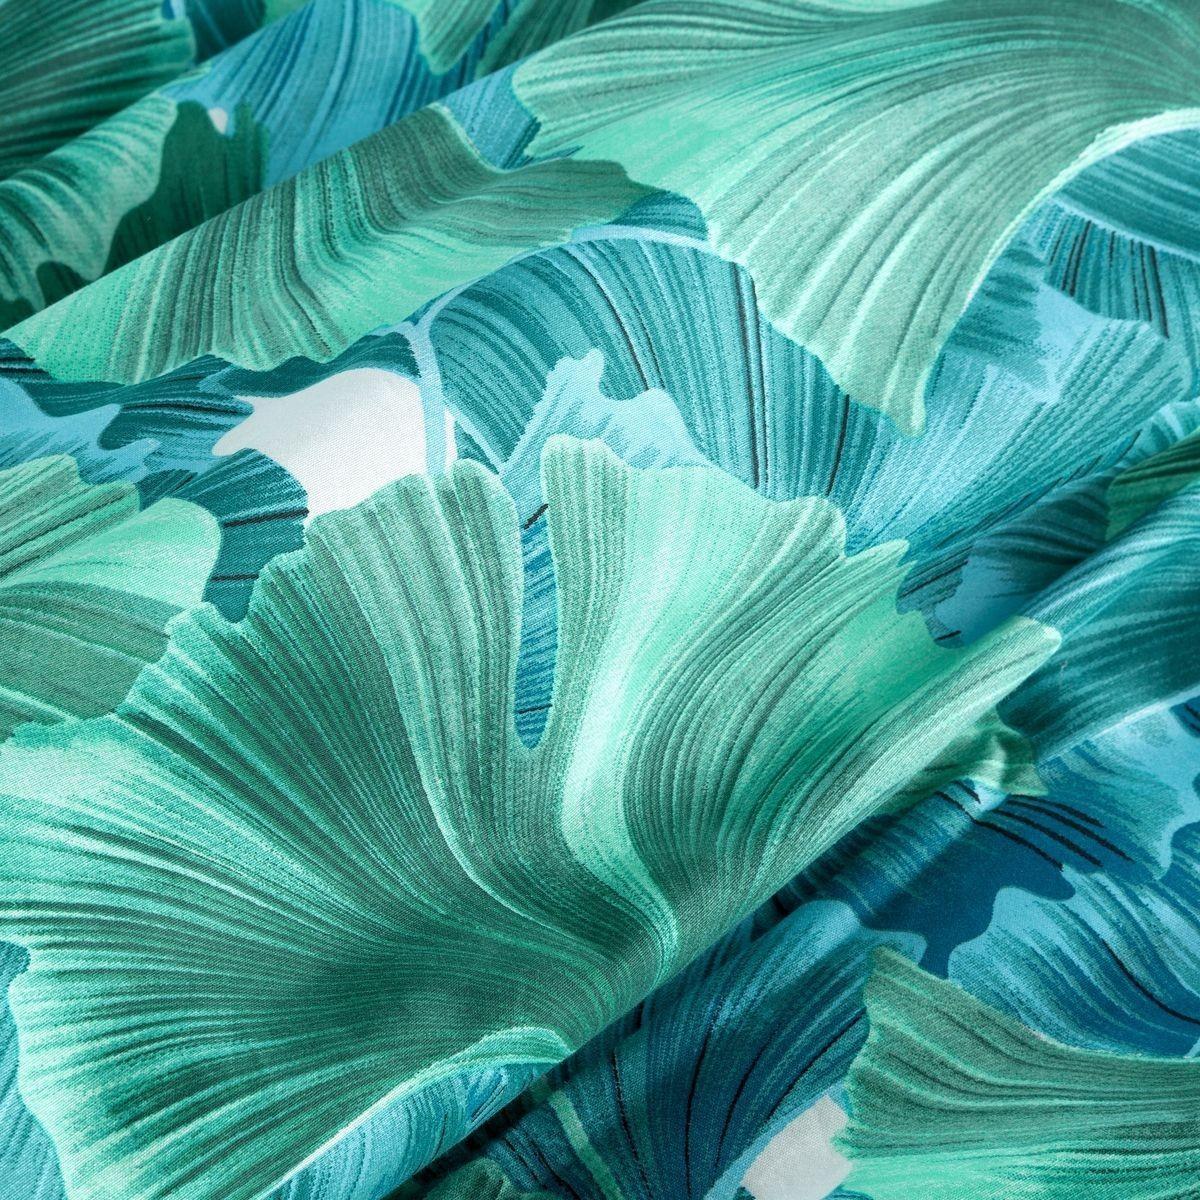 DomTextilu Krásne tyrkysovo zeléné posteľné obliečky z bavlny s motívom listov ginkgo 3 časti: 1ks 160 cmx200 + 2ks 70x80 Tyrkysová 44761-208844